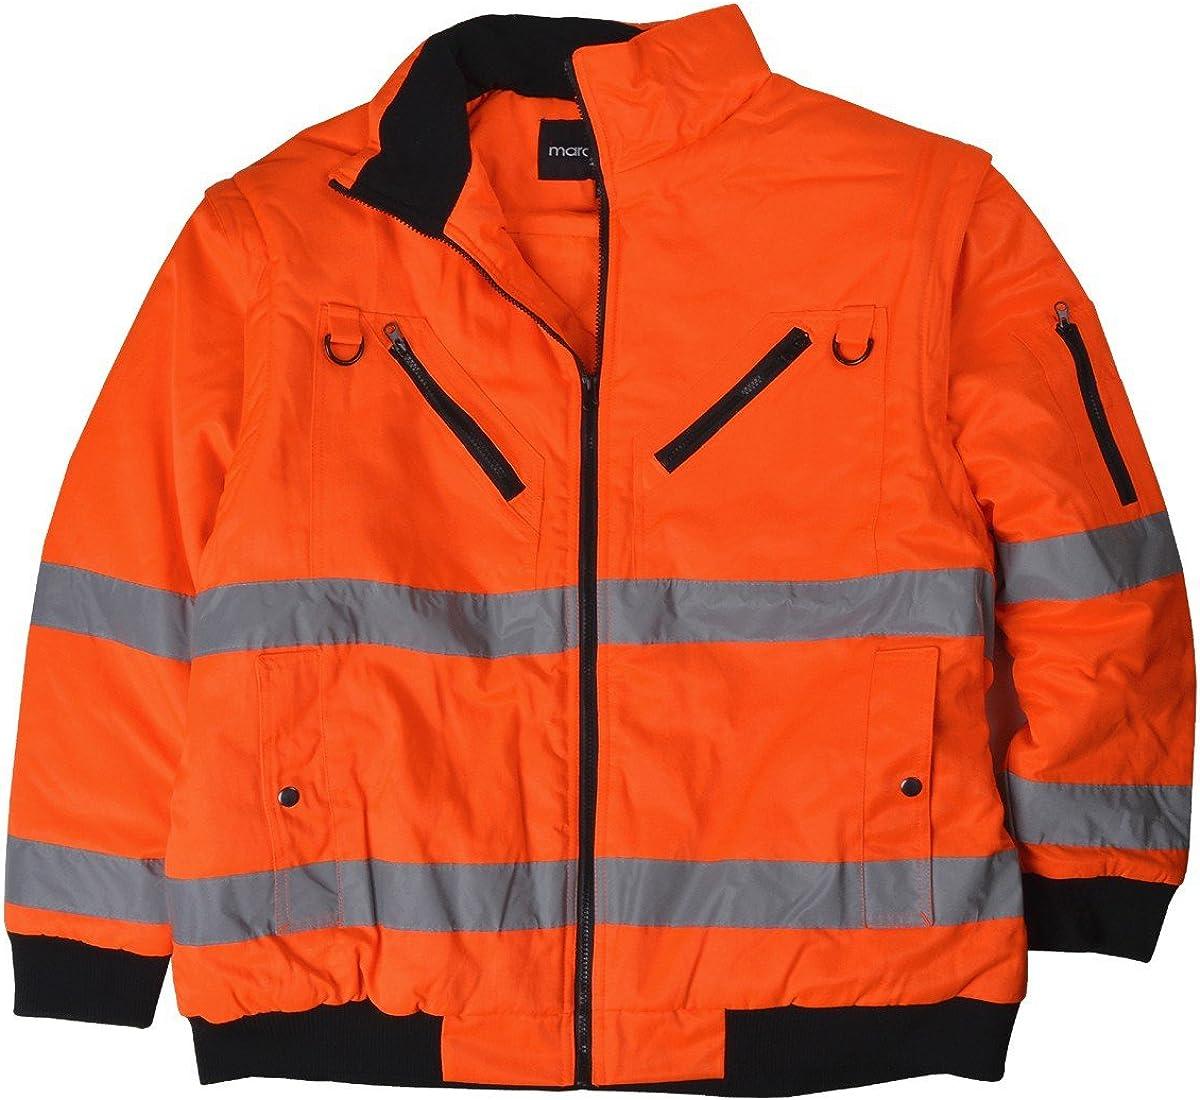 Marc Mark Herren Übergrößen 2 In 1 Warnschutzjacke Wetterjacke Orange Bekleidung